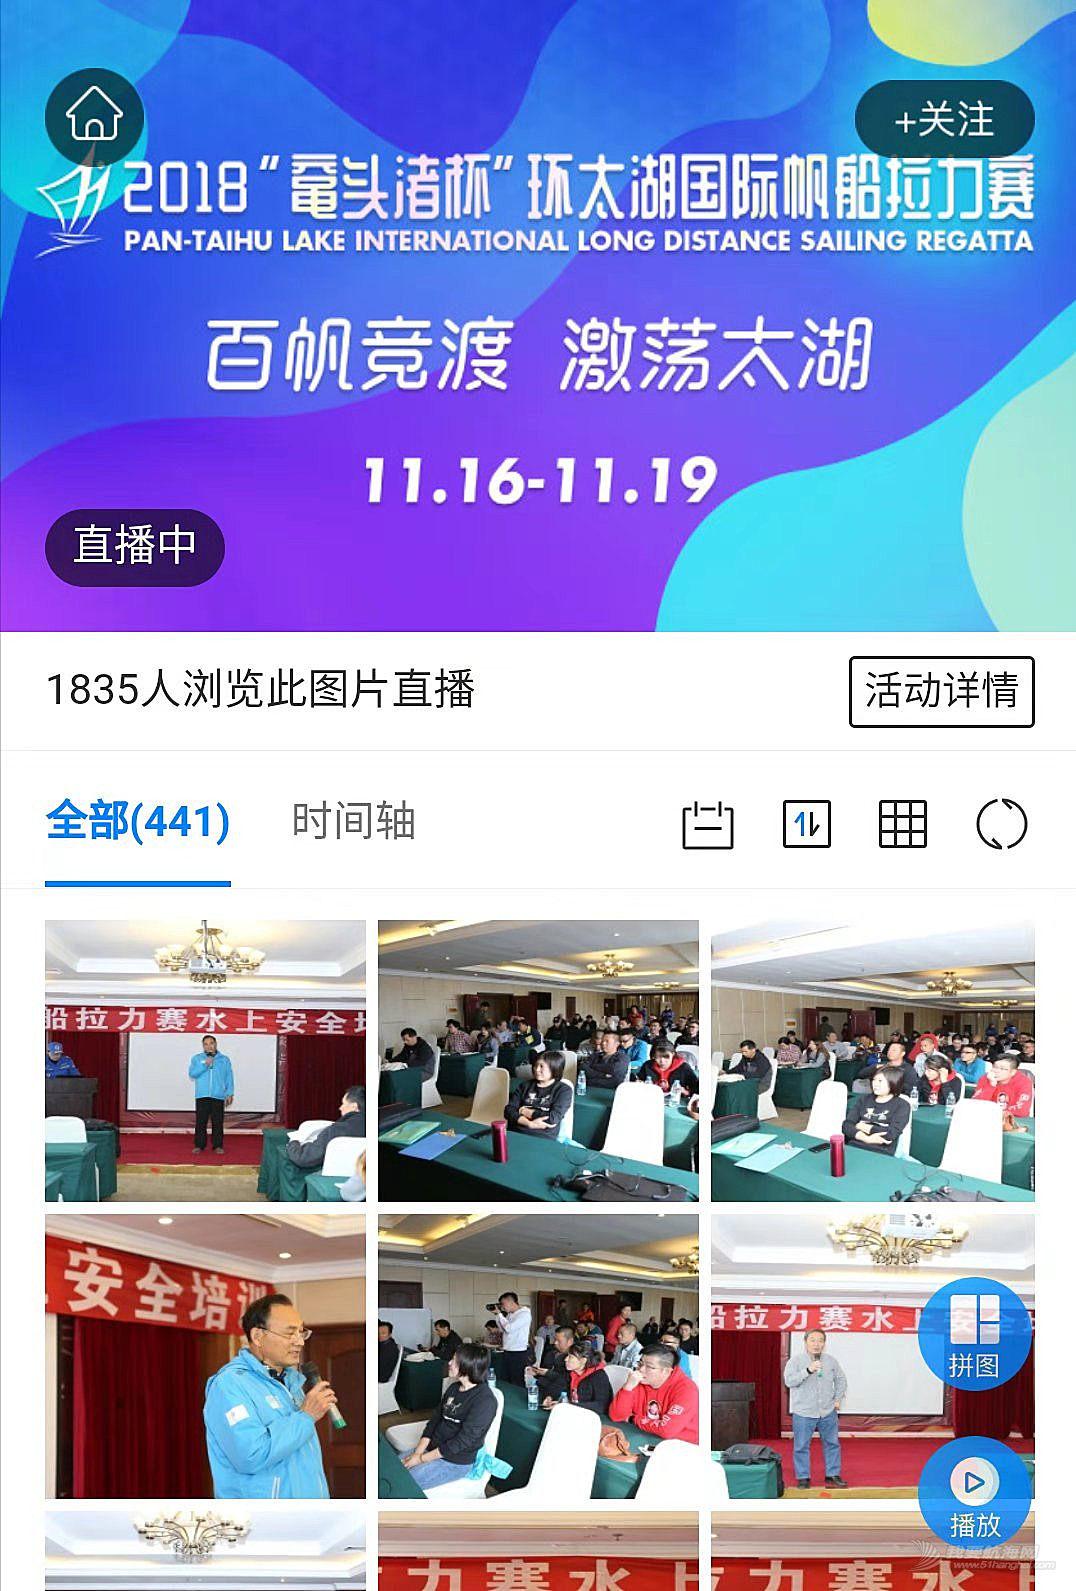 """2018""""鼋头渚杯""""环太湖国际帆船拉力赛全情回顾"""